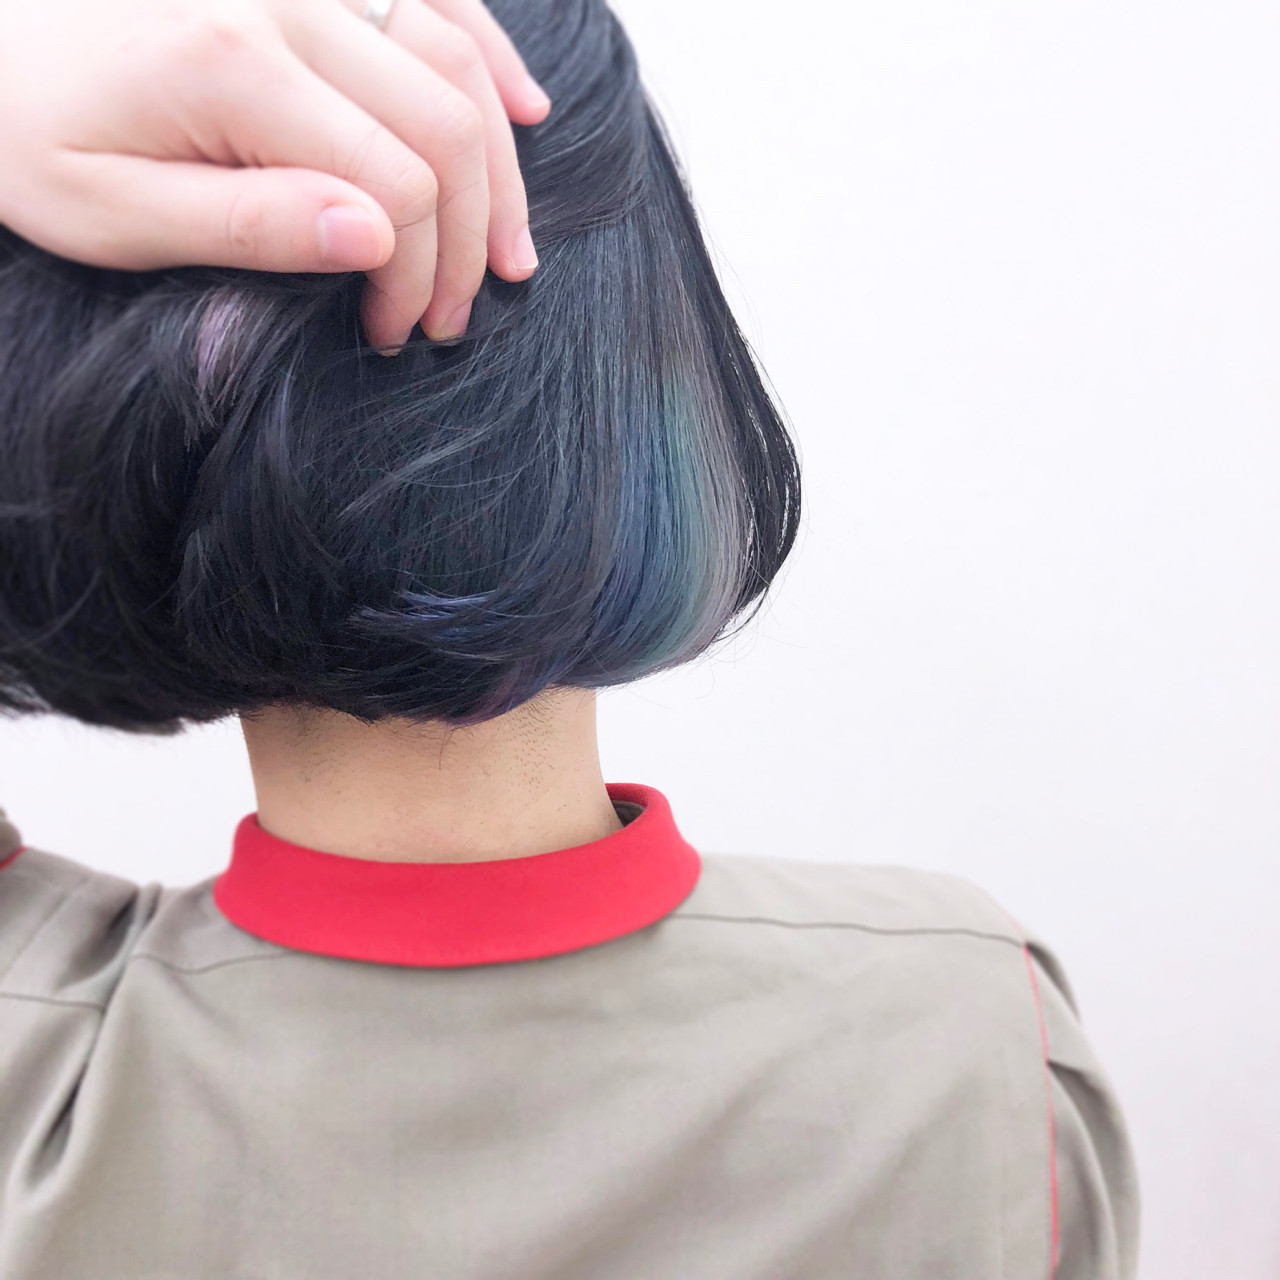 青紫のインナーカラーでクールな印象に YSO